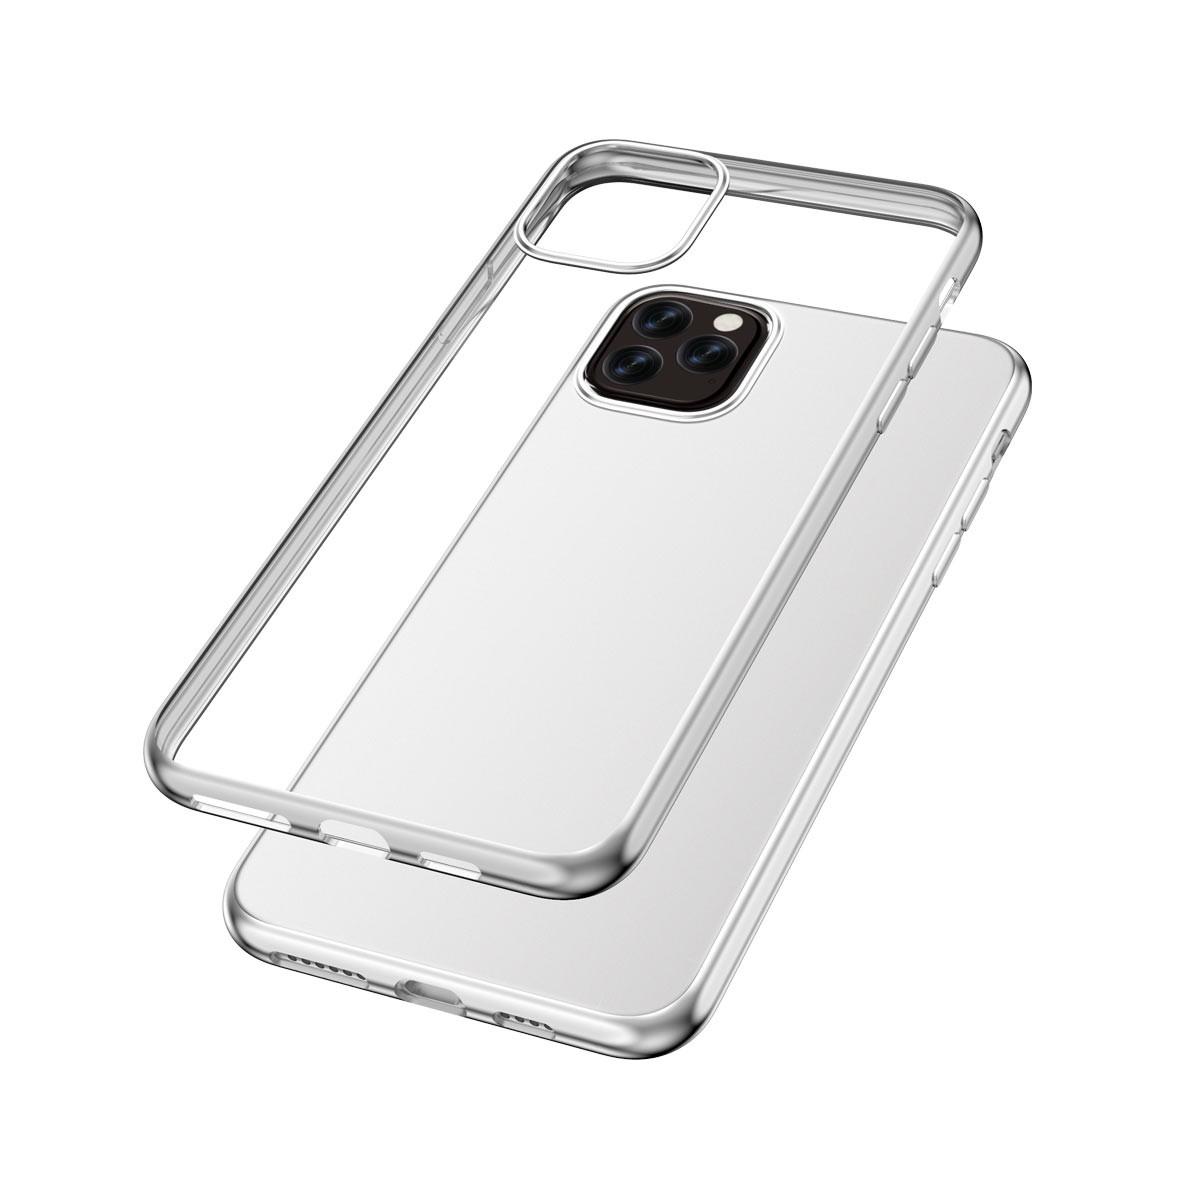 Capac protectie spate cellara colectia electro pentru iphone 11 pro max - argintiu